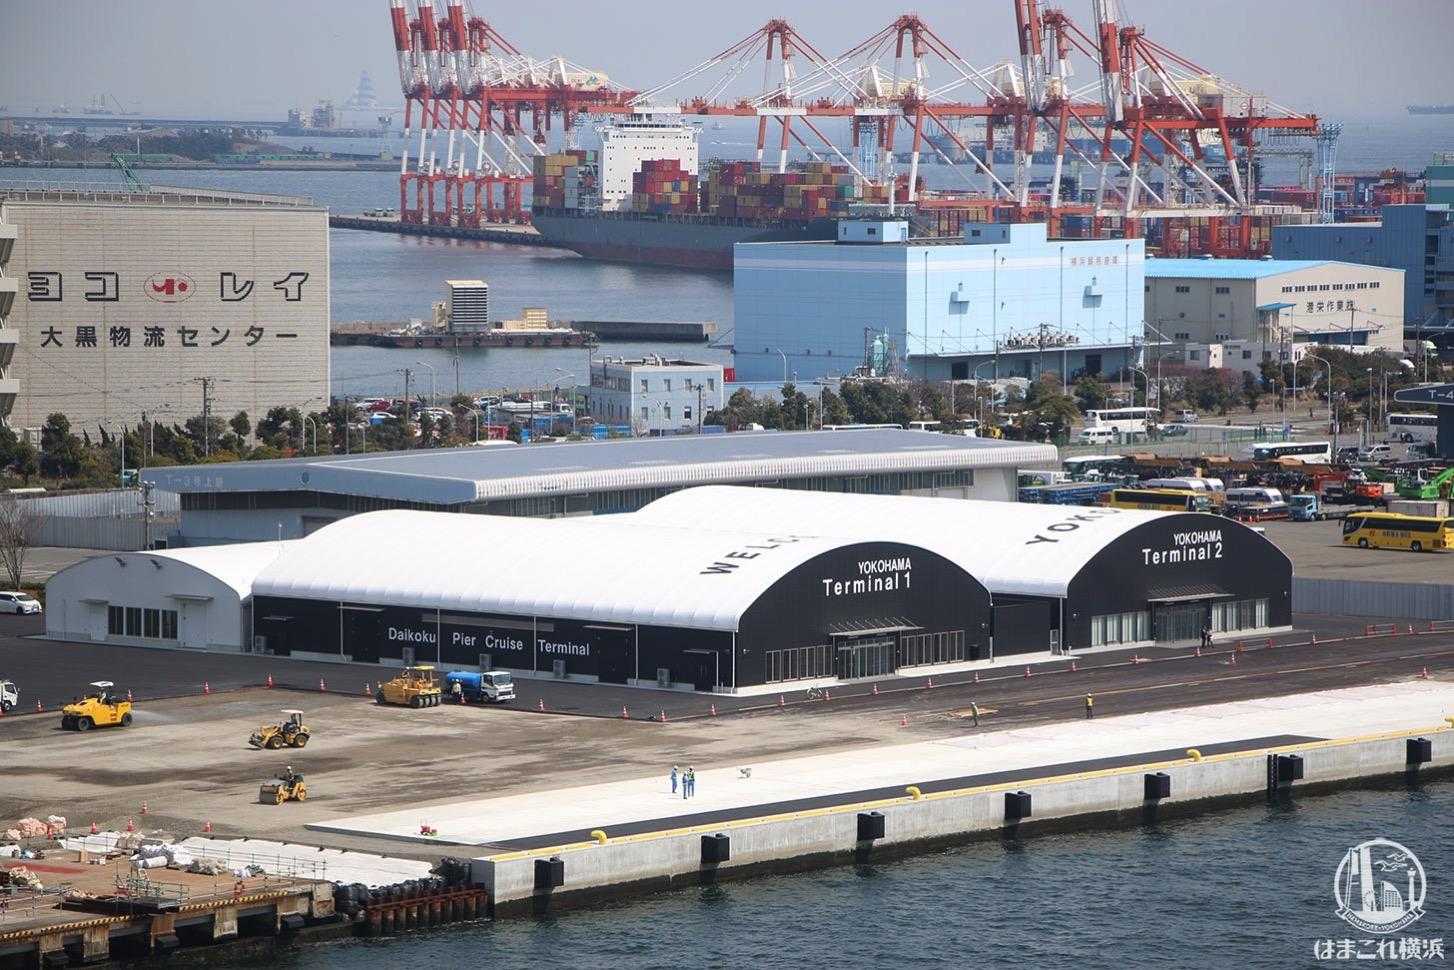 大黒ふ頭客船ターミナル